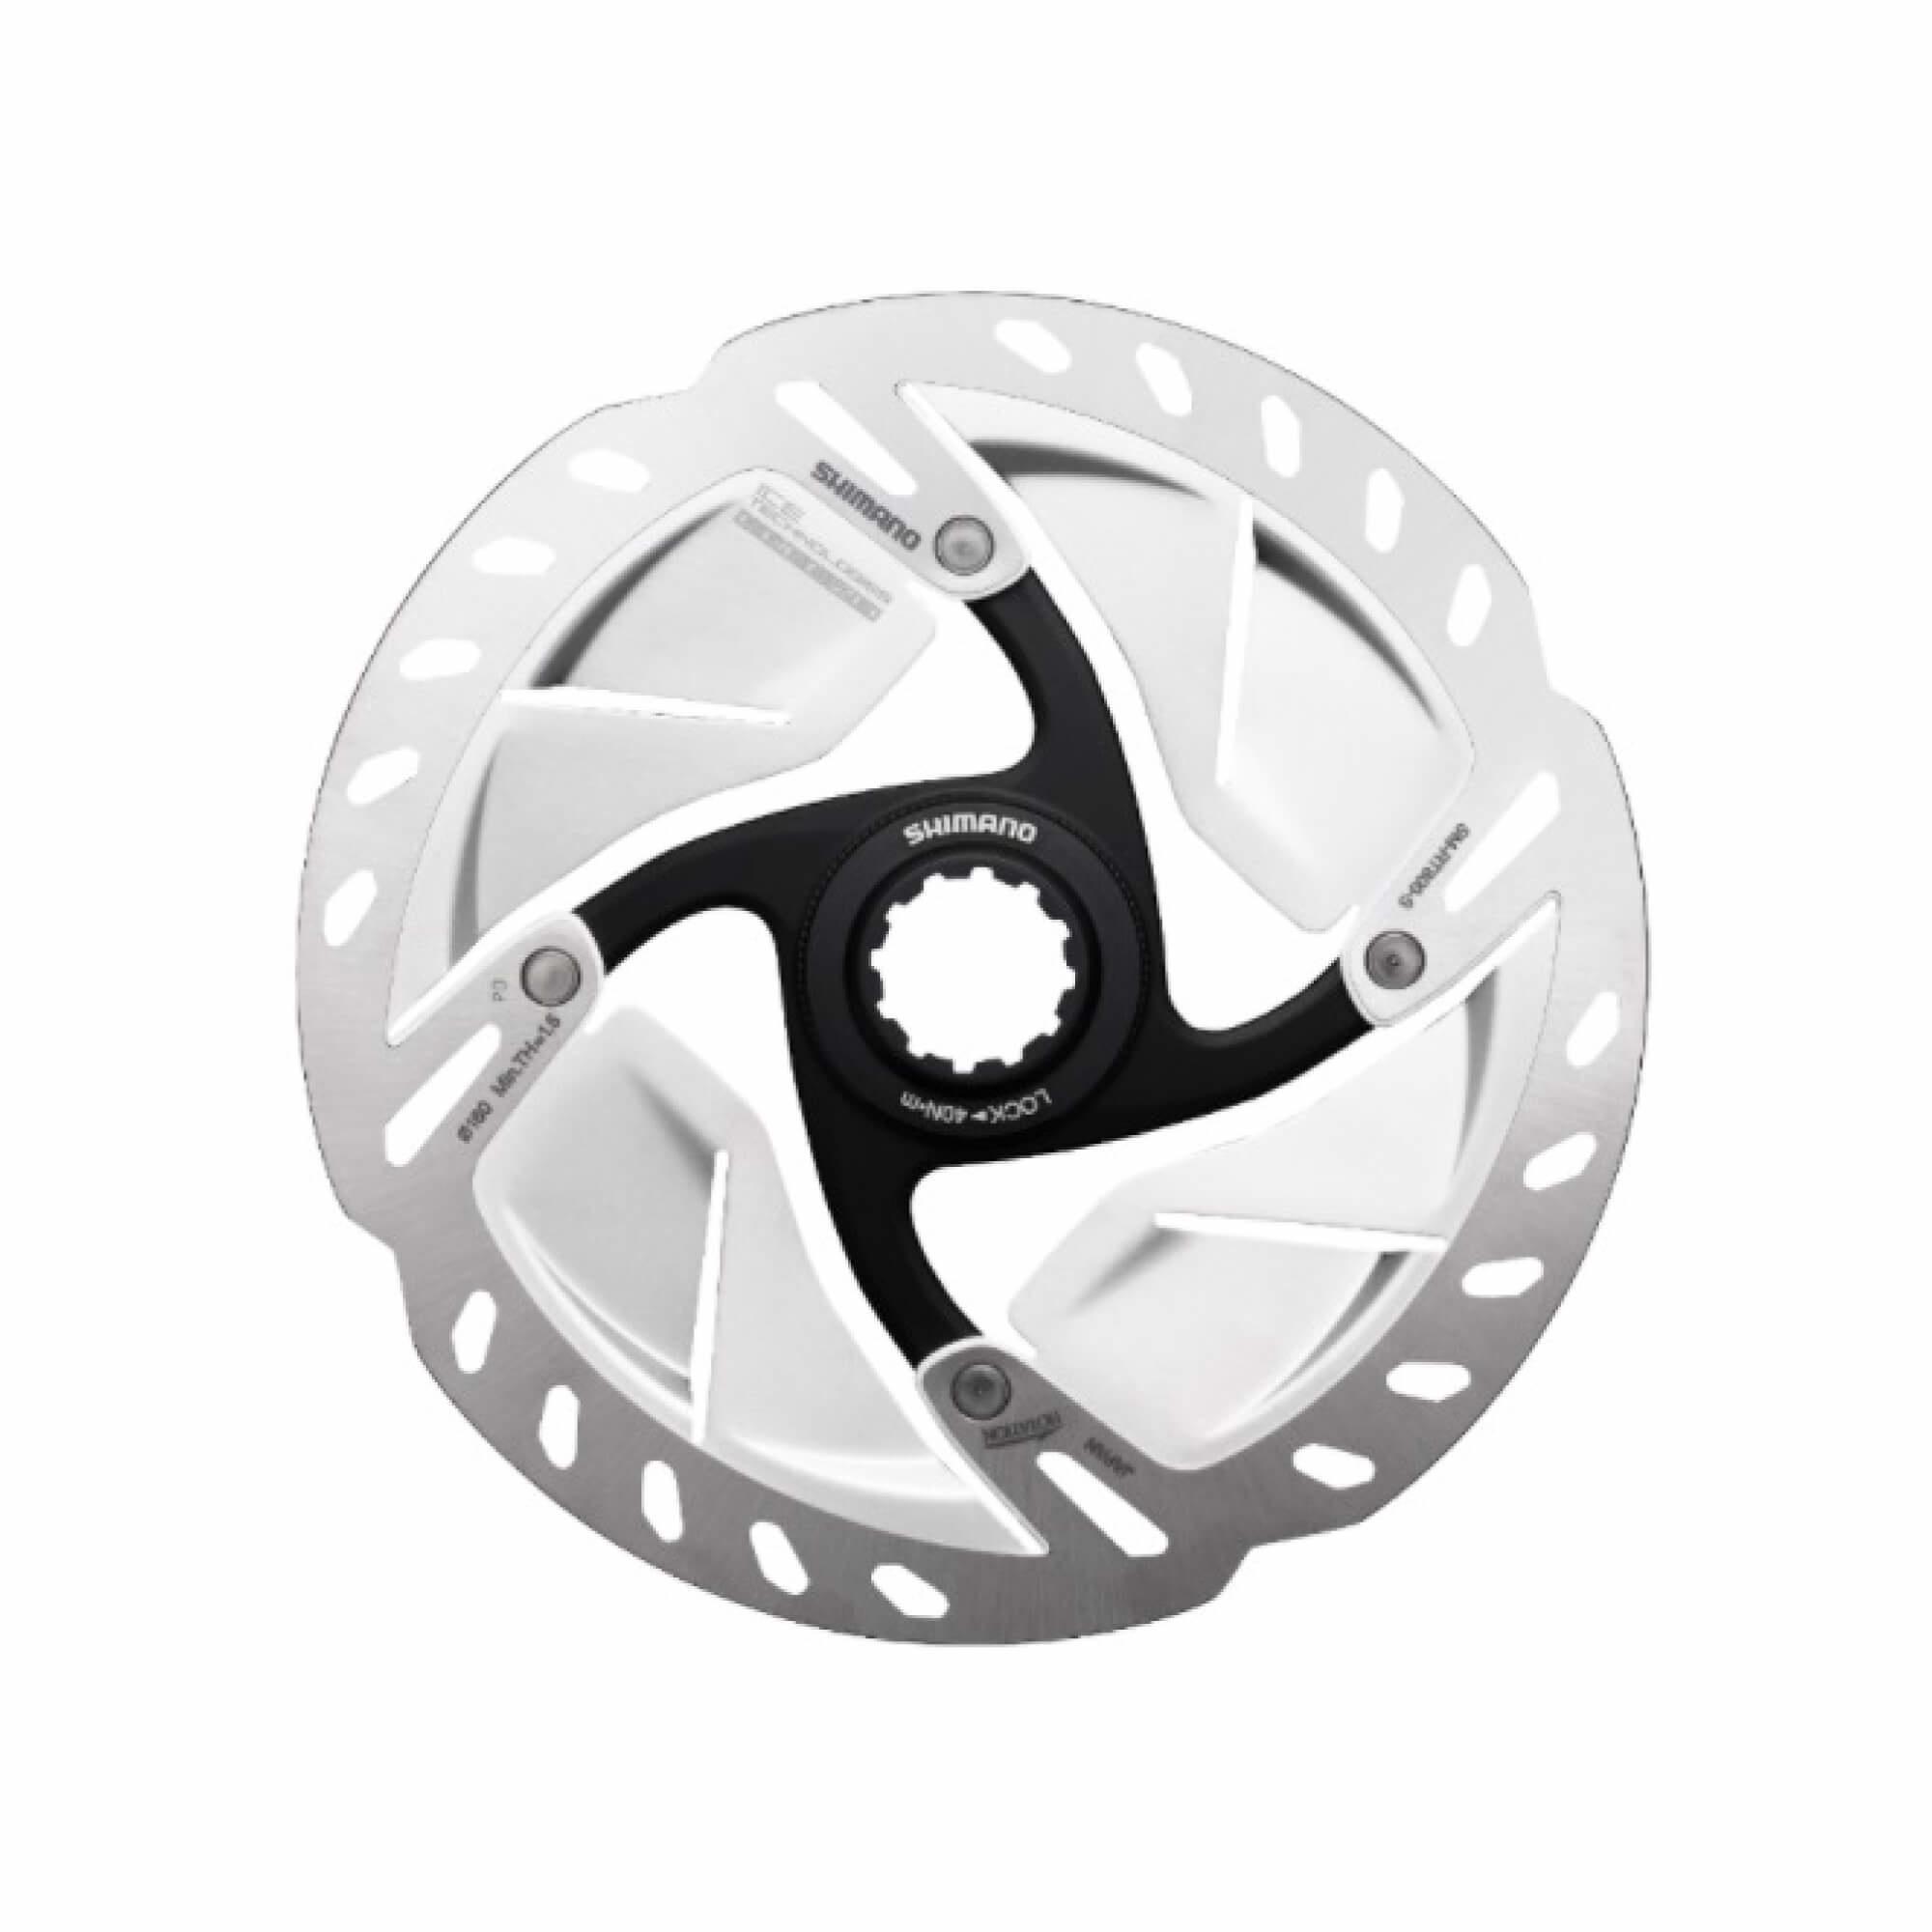 SM-RT800 Disc Brake Rotor Ultegra Centerlock-4